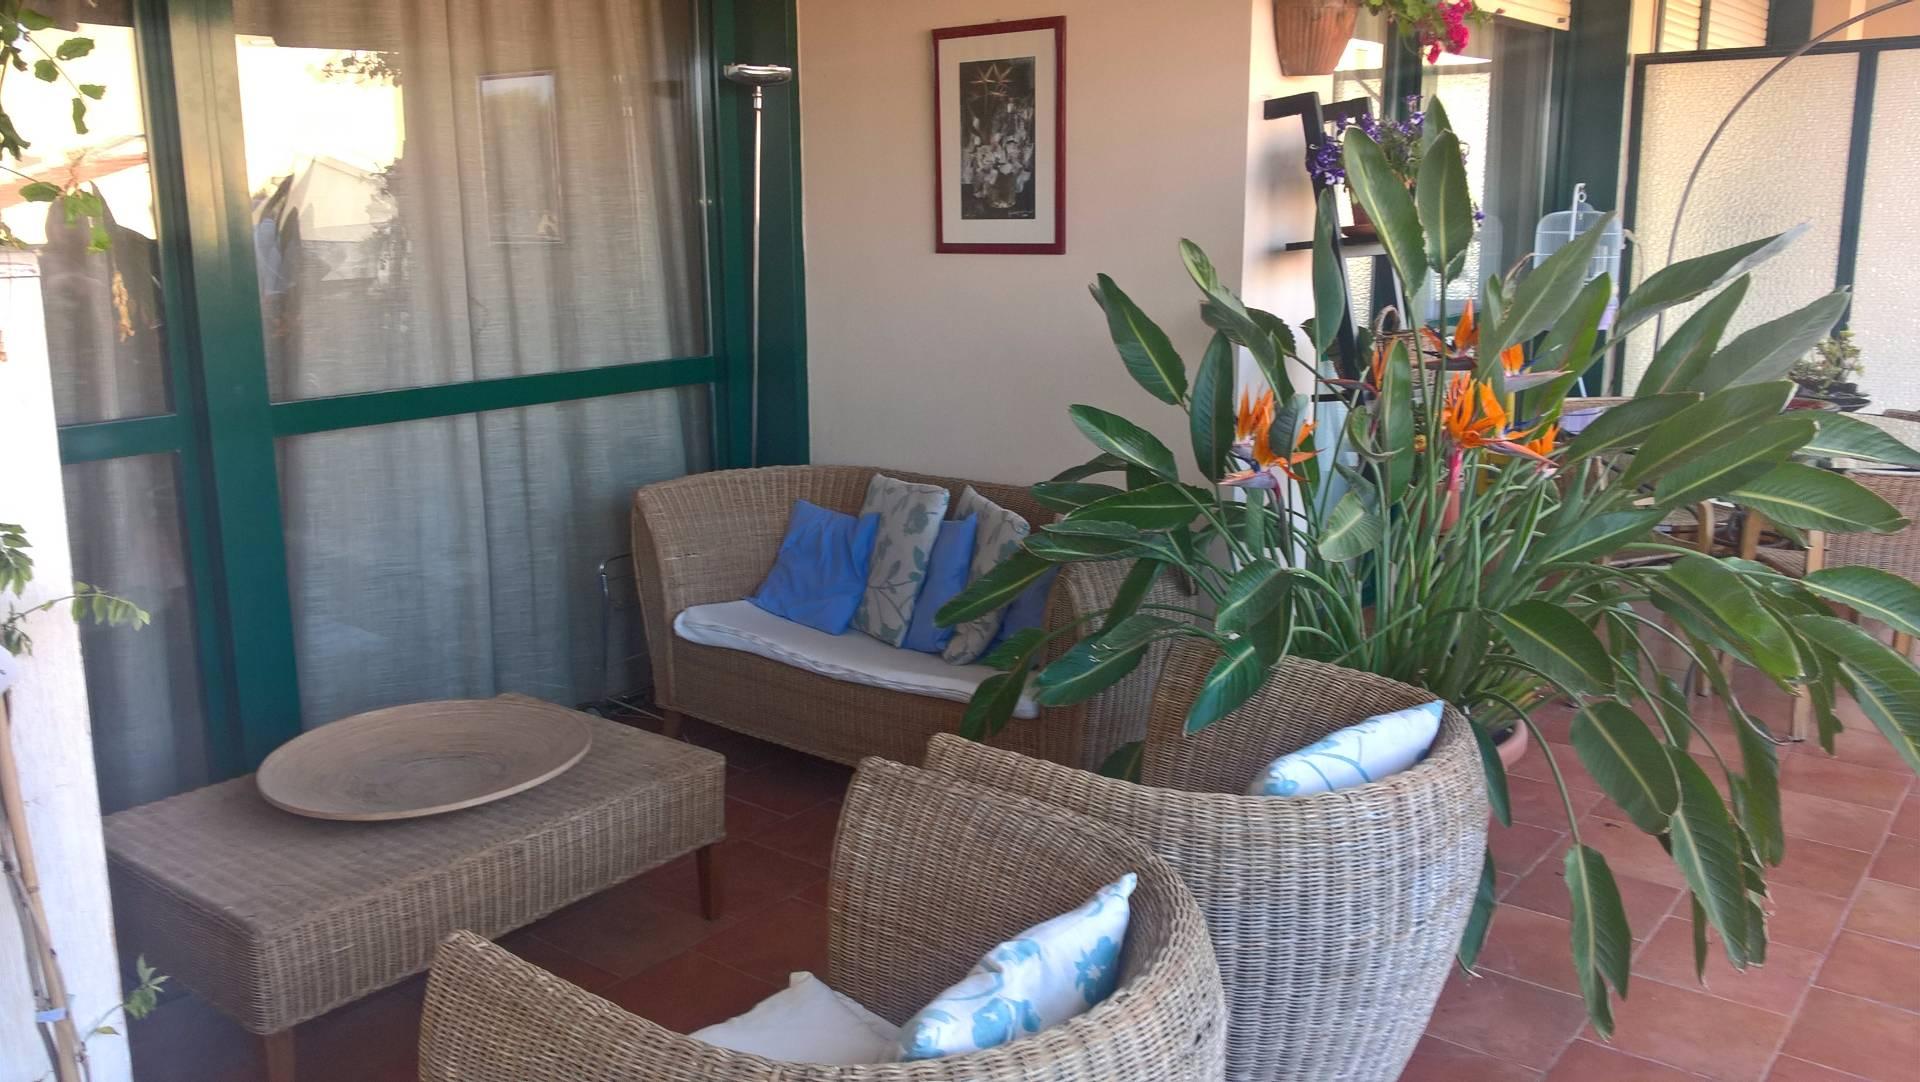 Appartamento in vendita a Bari, 5 locali, zona Località: S.Spirito, prezzo € 310.000 | Cambio Casa.it